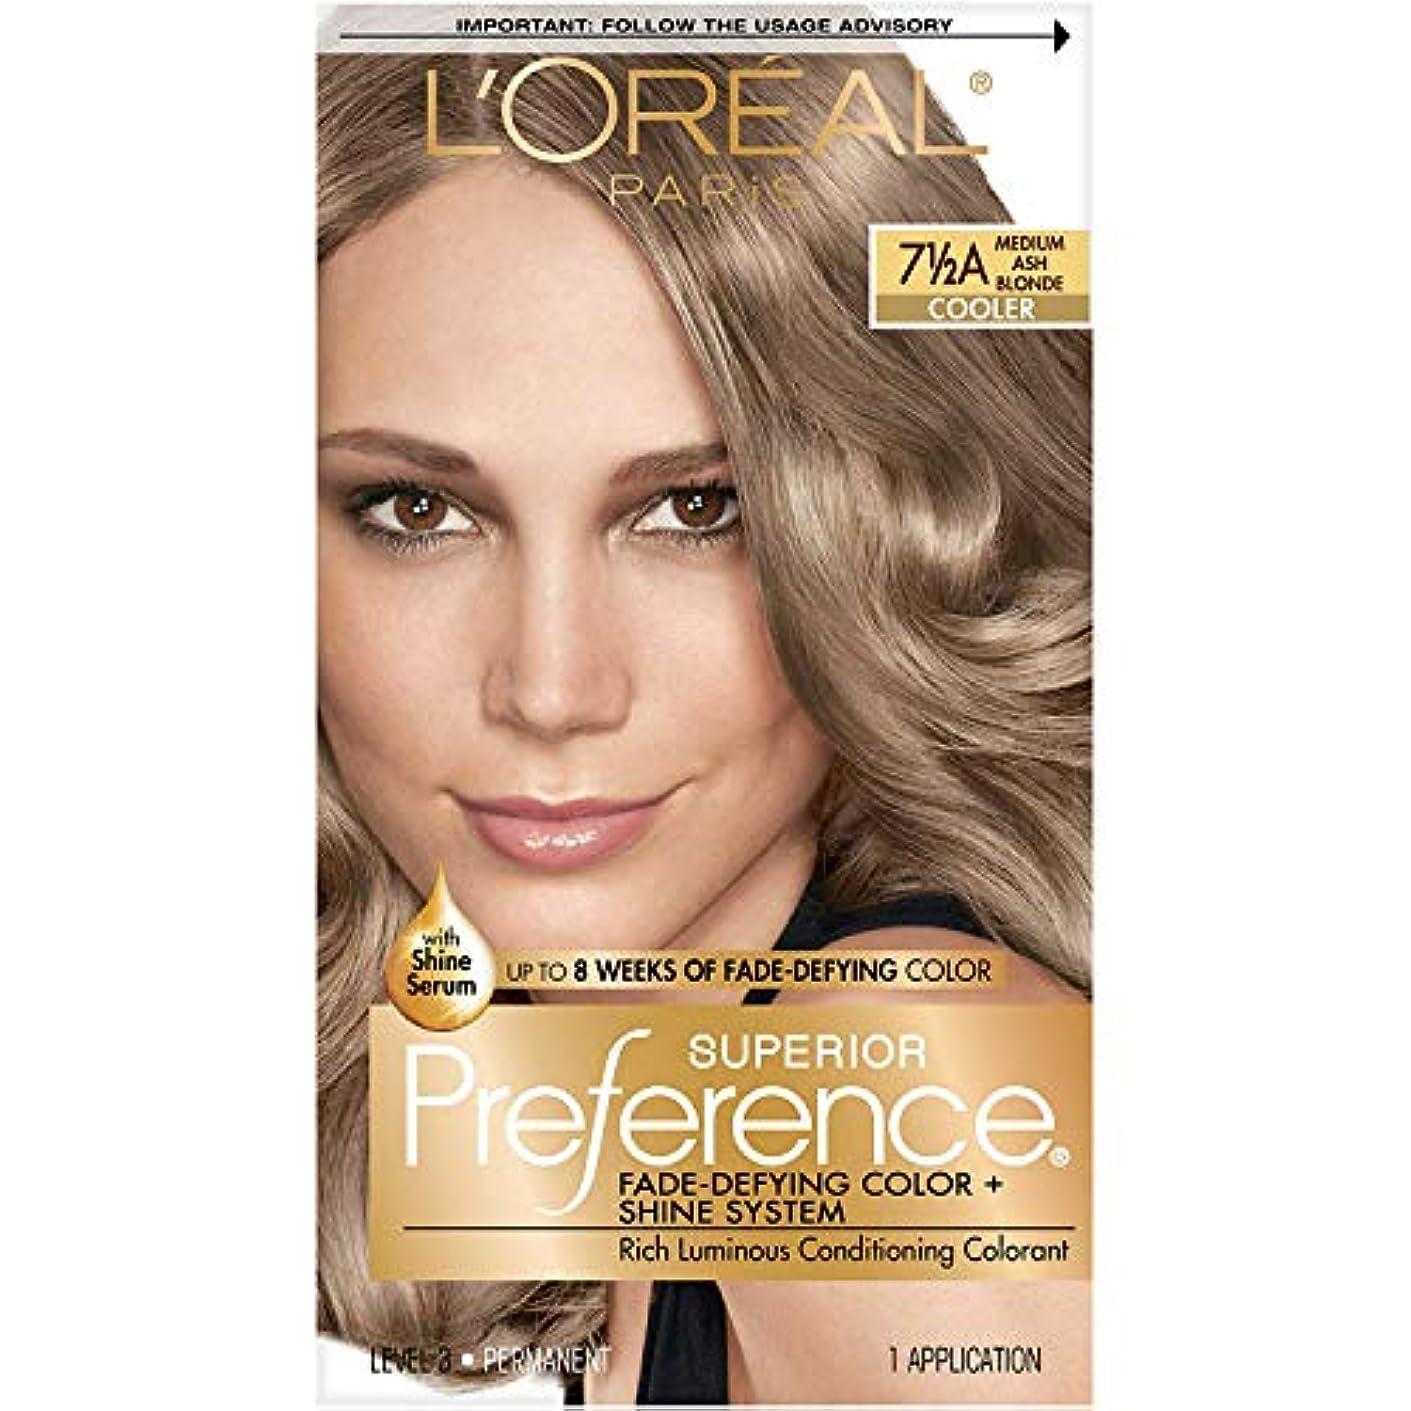 女将アシストに応じて海外直送肘 LOreal Superior Preference Hair Color Medium Ash Blonde, Medium Ash Blonde 1 each